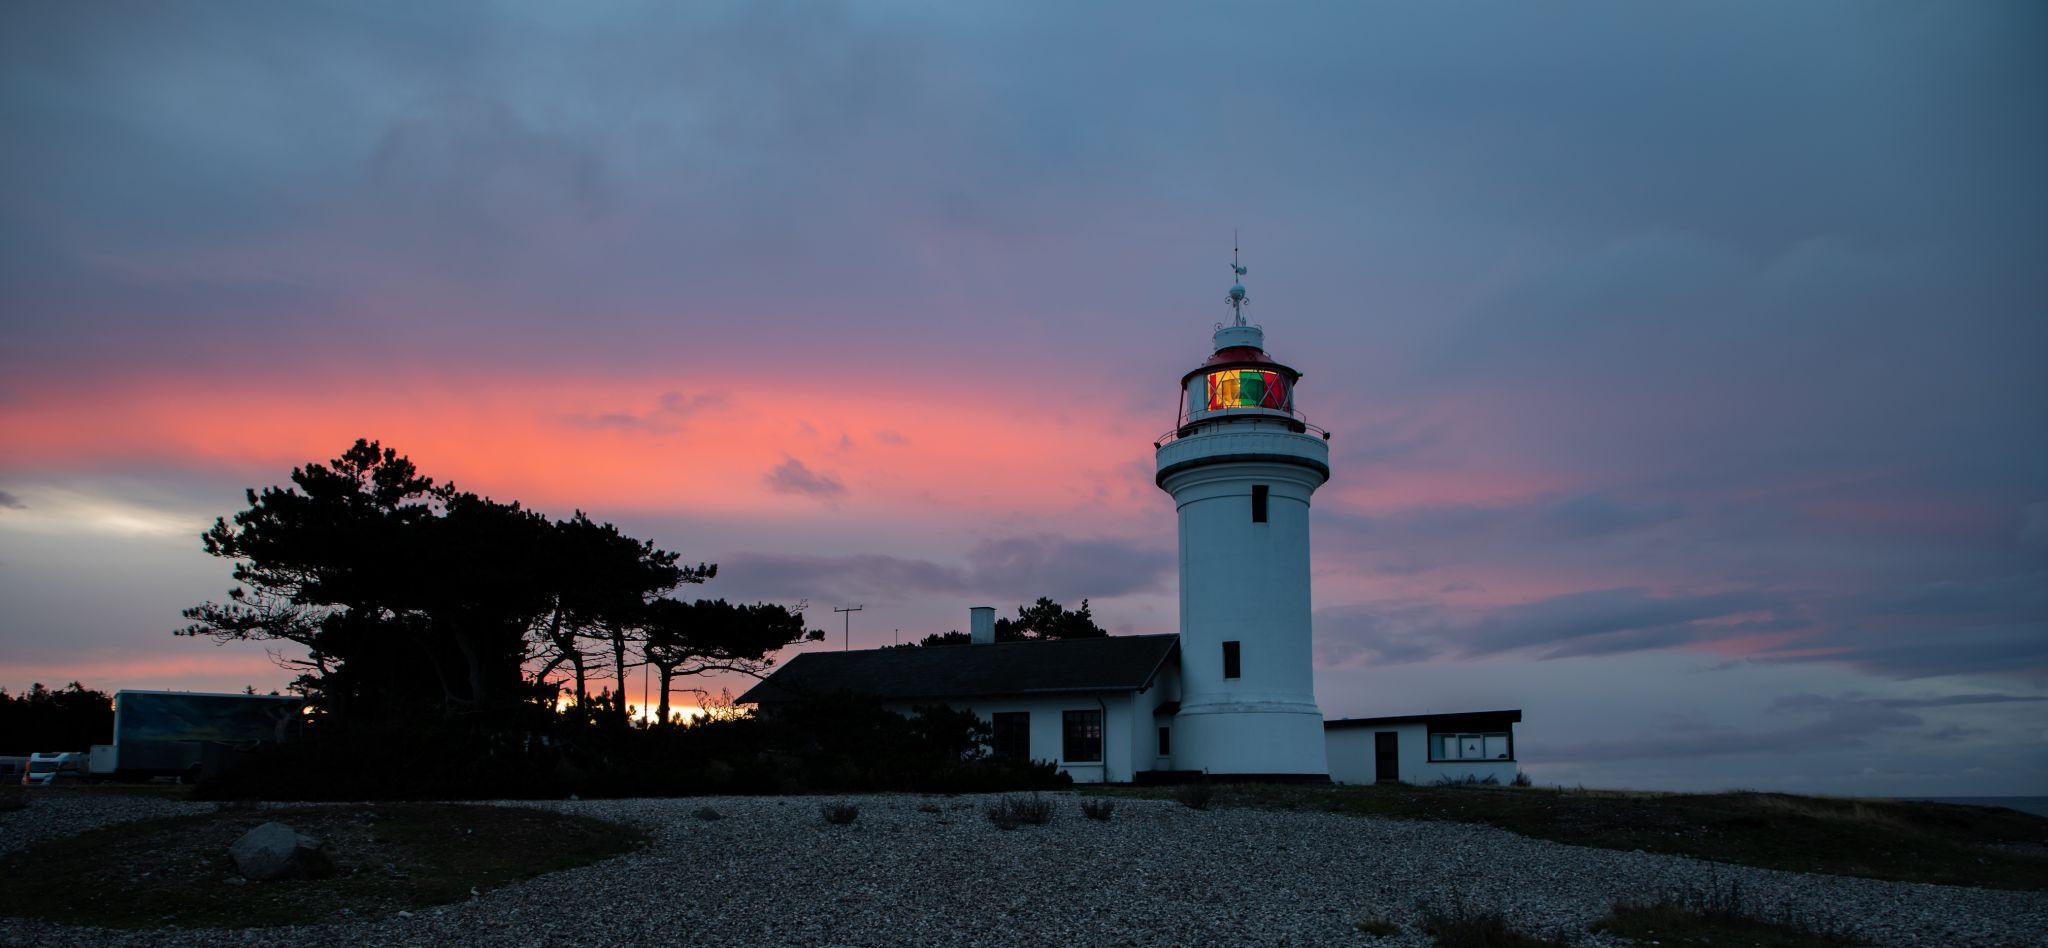 Sletter Hage Lighthouse, Denmark